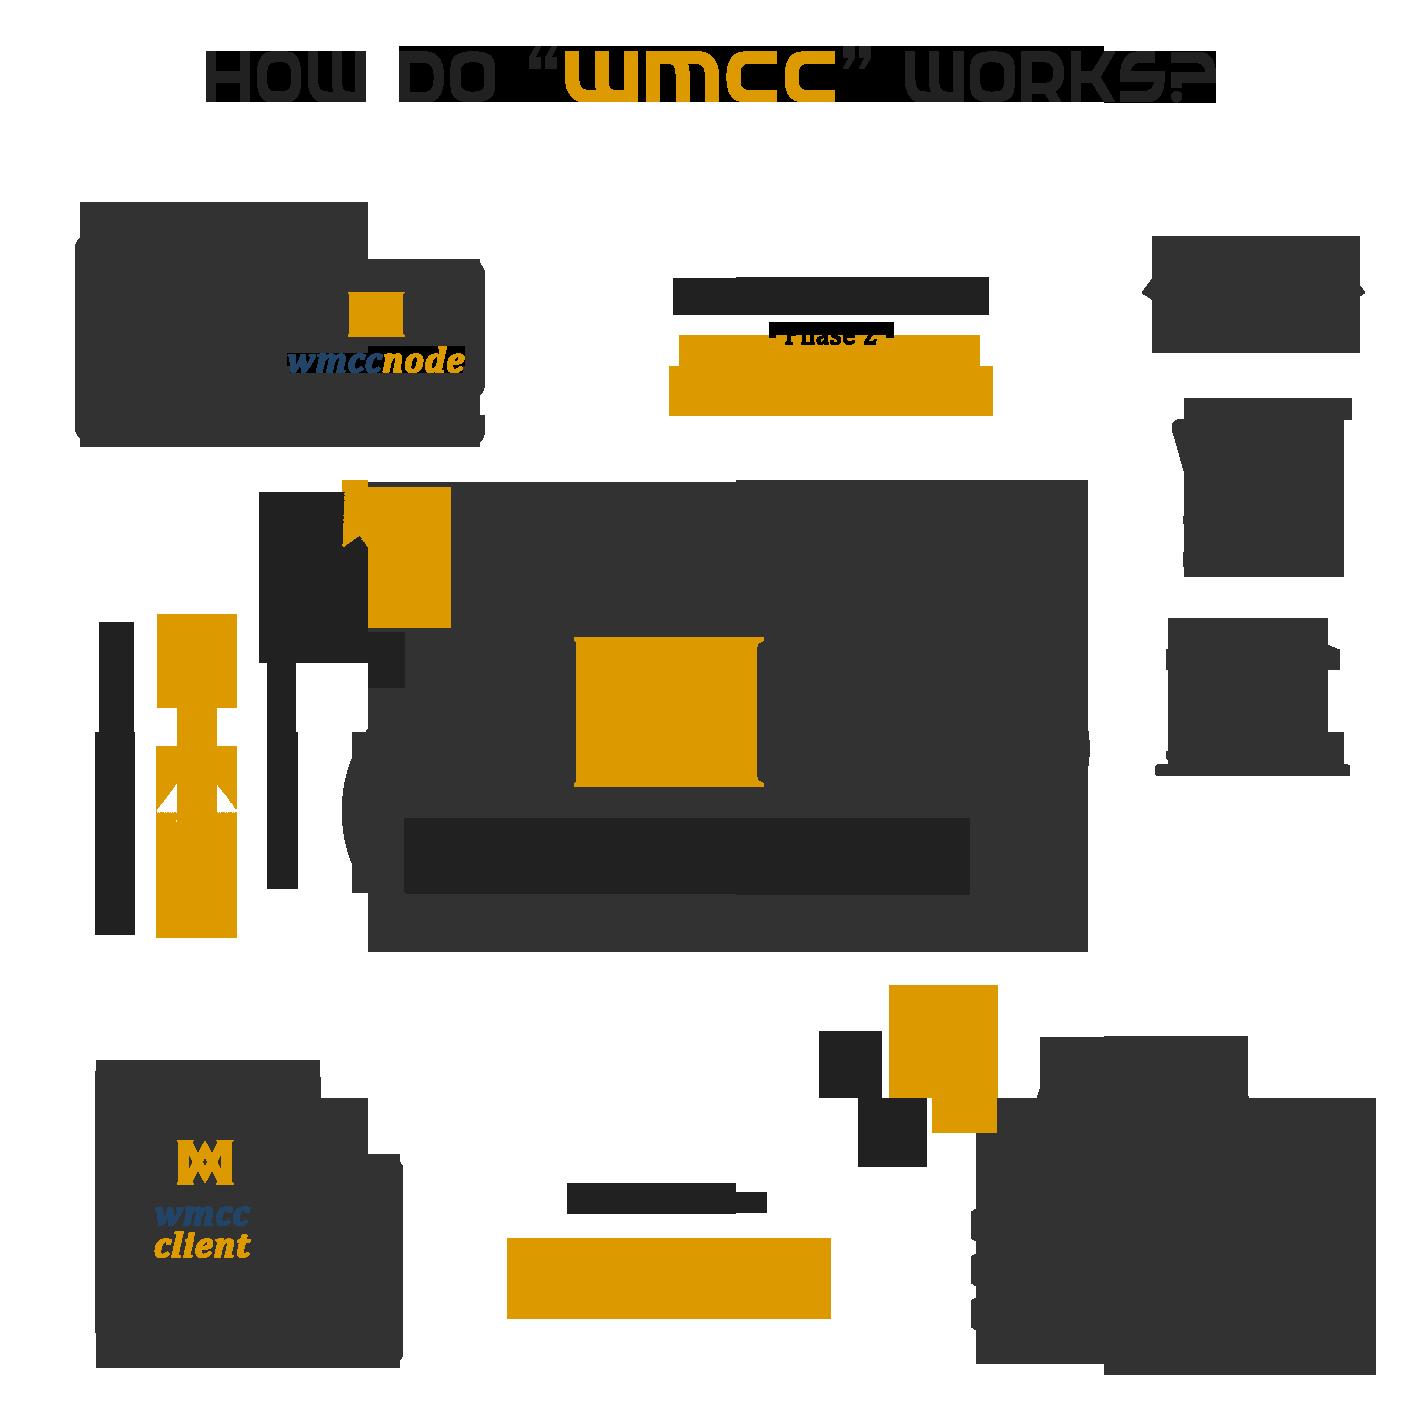 wmccwork Bitcoin mining, Bitcoin, World mobile